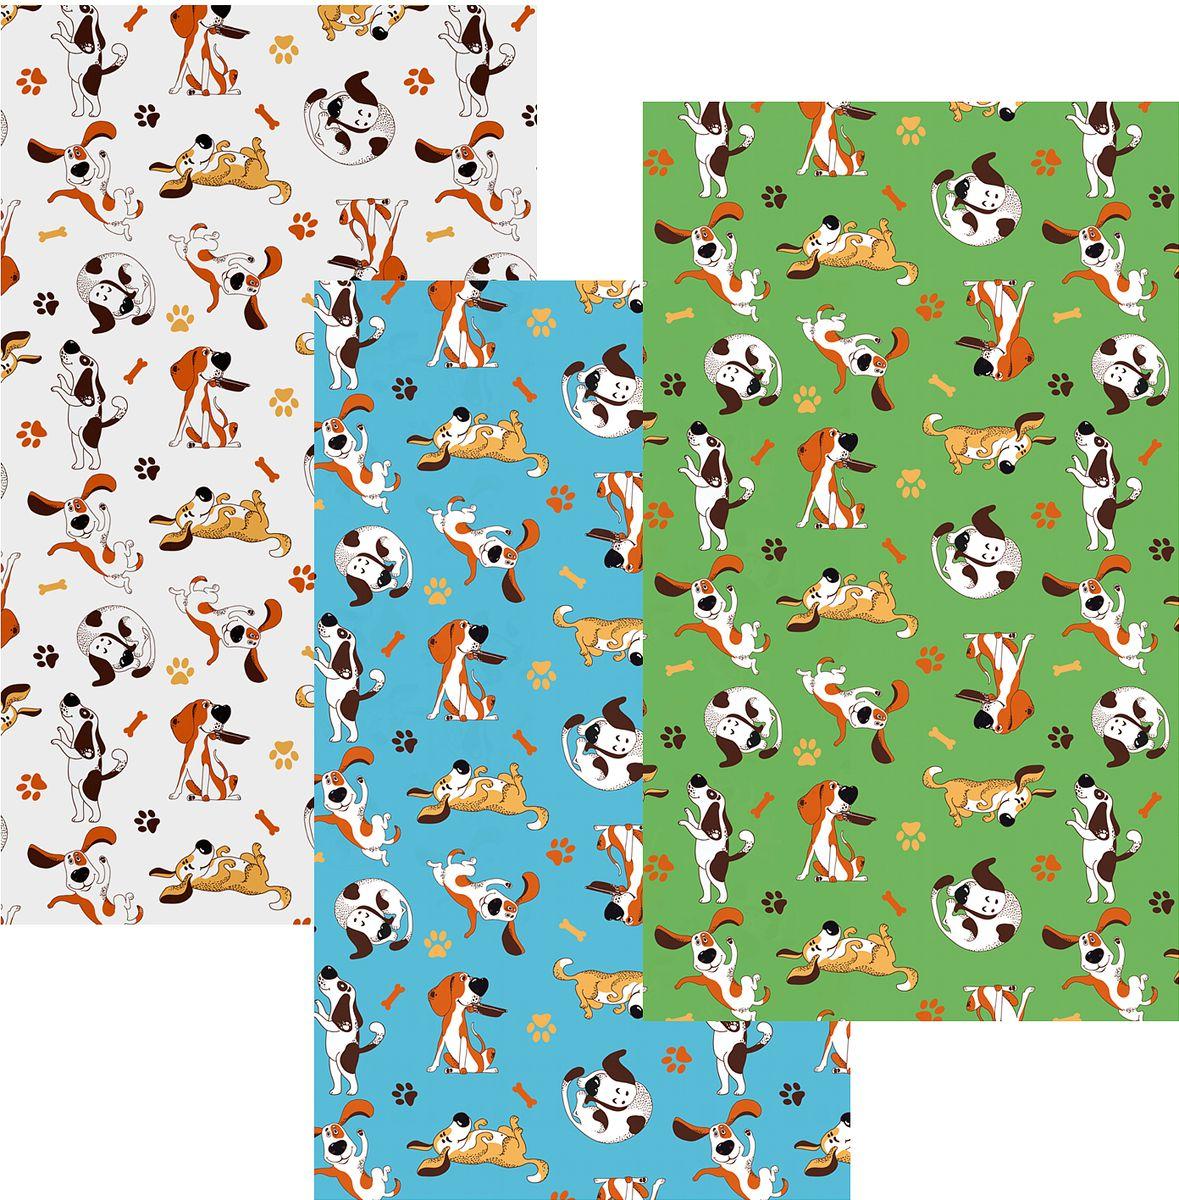 Набор кухонных полотенец Мультидом Веселый щенок, 42 х 72 см, 3 шт набор для педикюра 3 предмета мультидом цвет салатовый